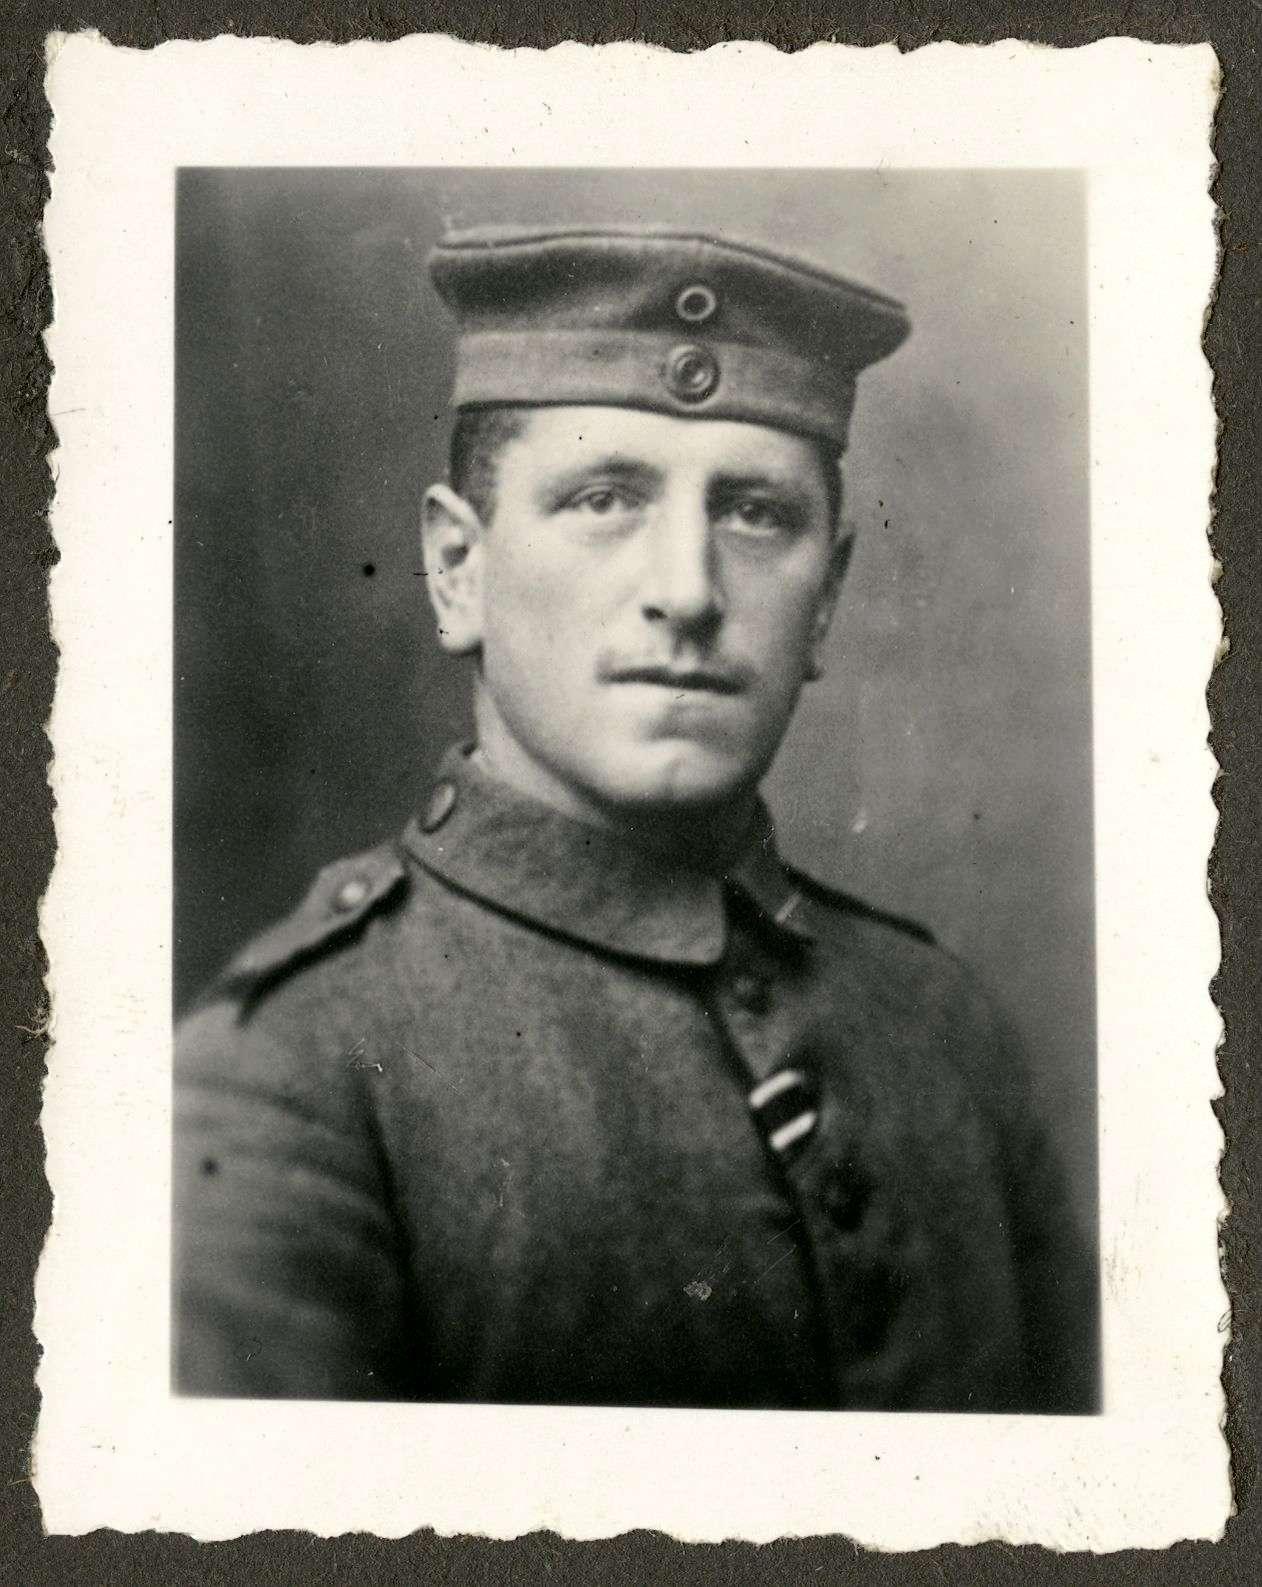 Treiber, Adolf, Bild 1